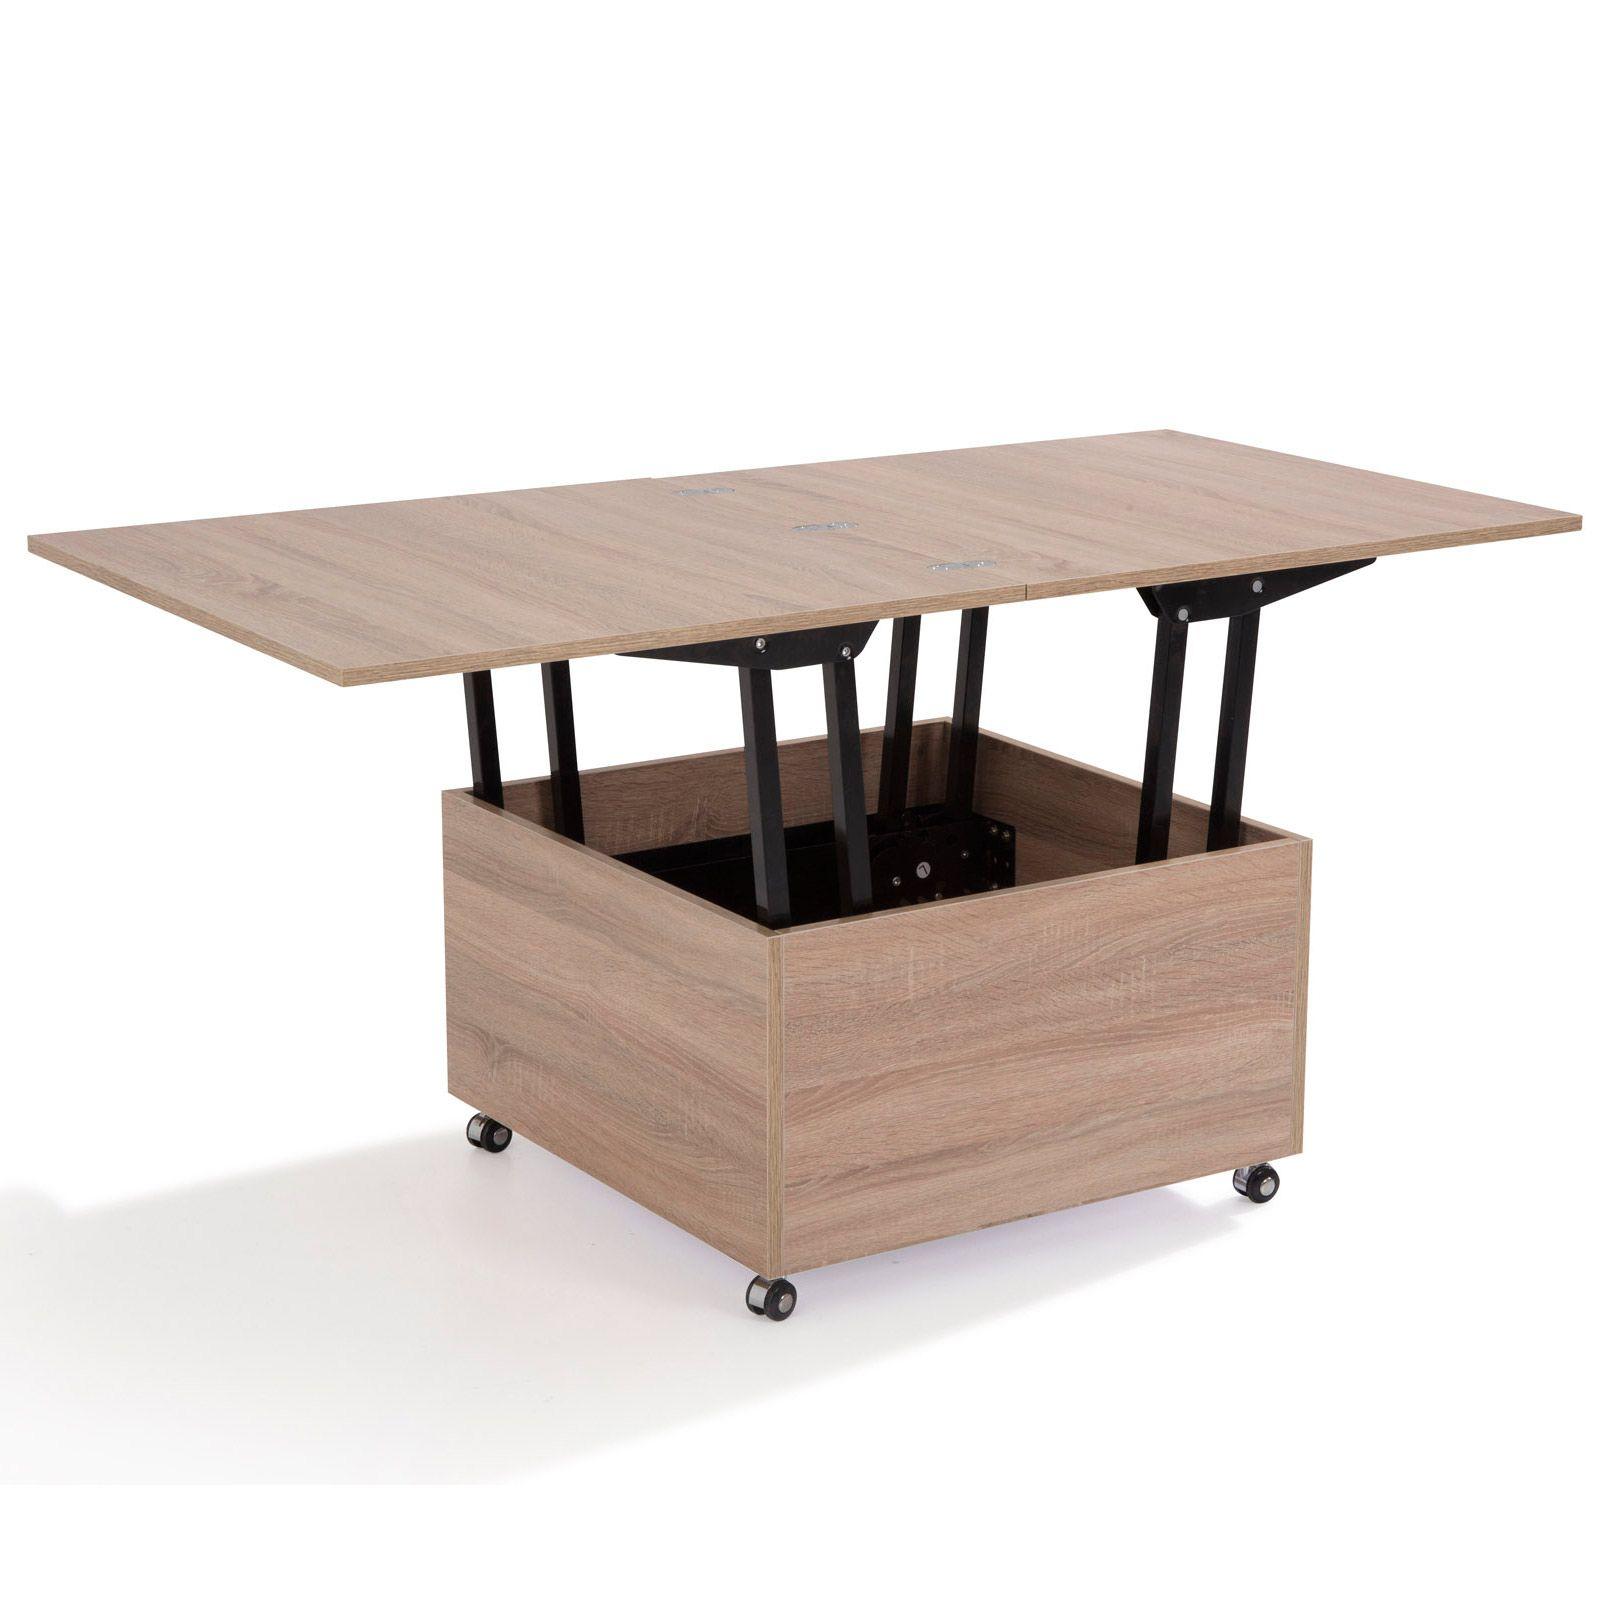 table basse carr e en bois avec plateaux relevables l75 cm. Black Bedroom Furniture Sets. Home Design Ideas